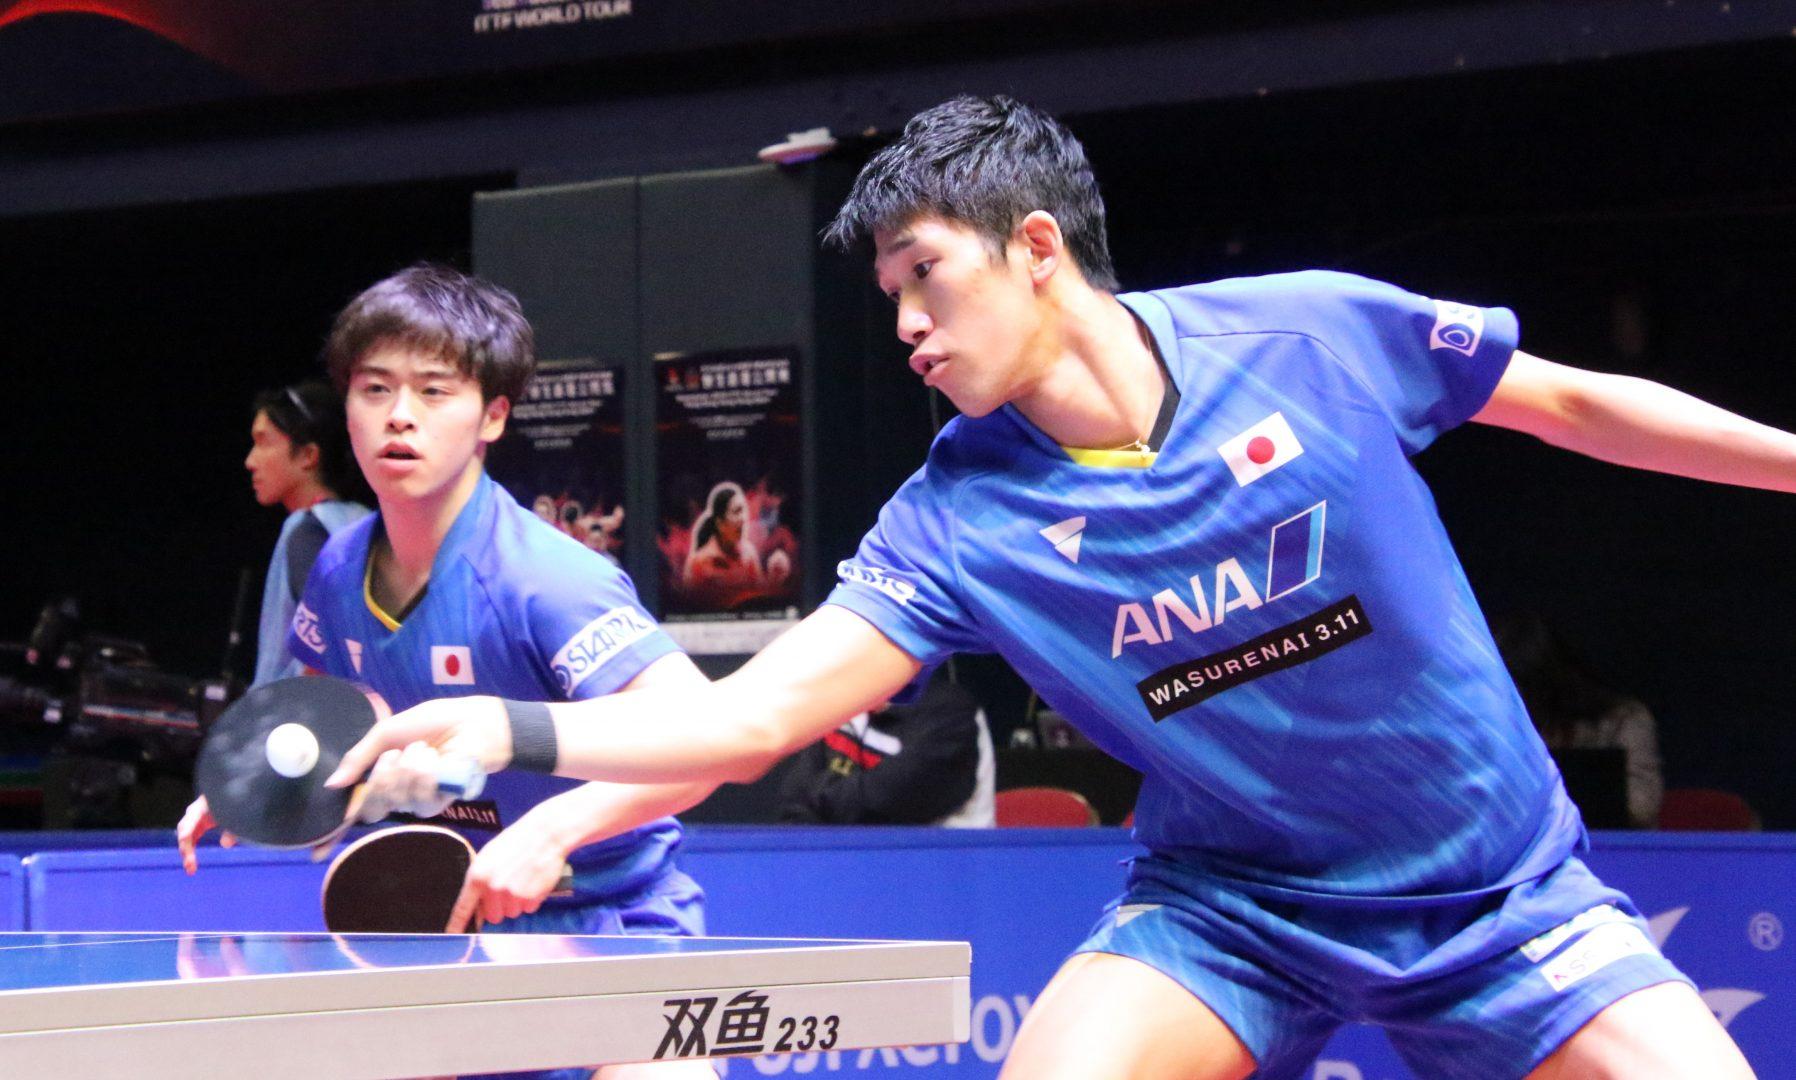 【卓球】森薗・吉村組、韓国ペアに敗戦 森薗「勝ちきれるように準備していく」<香港OP>